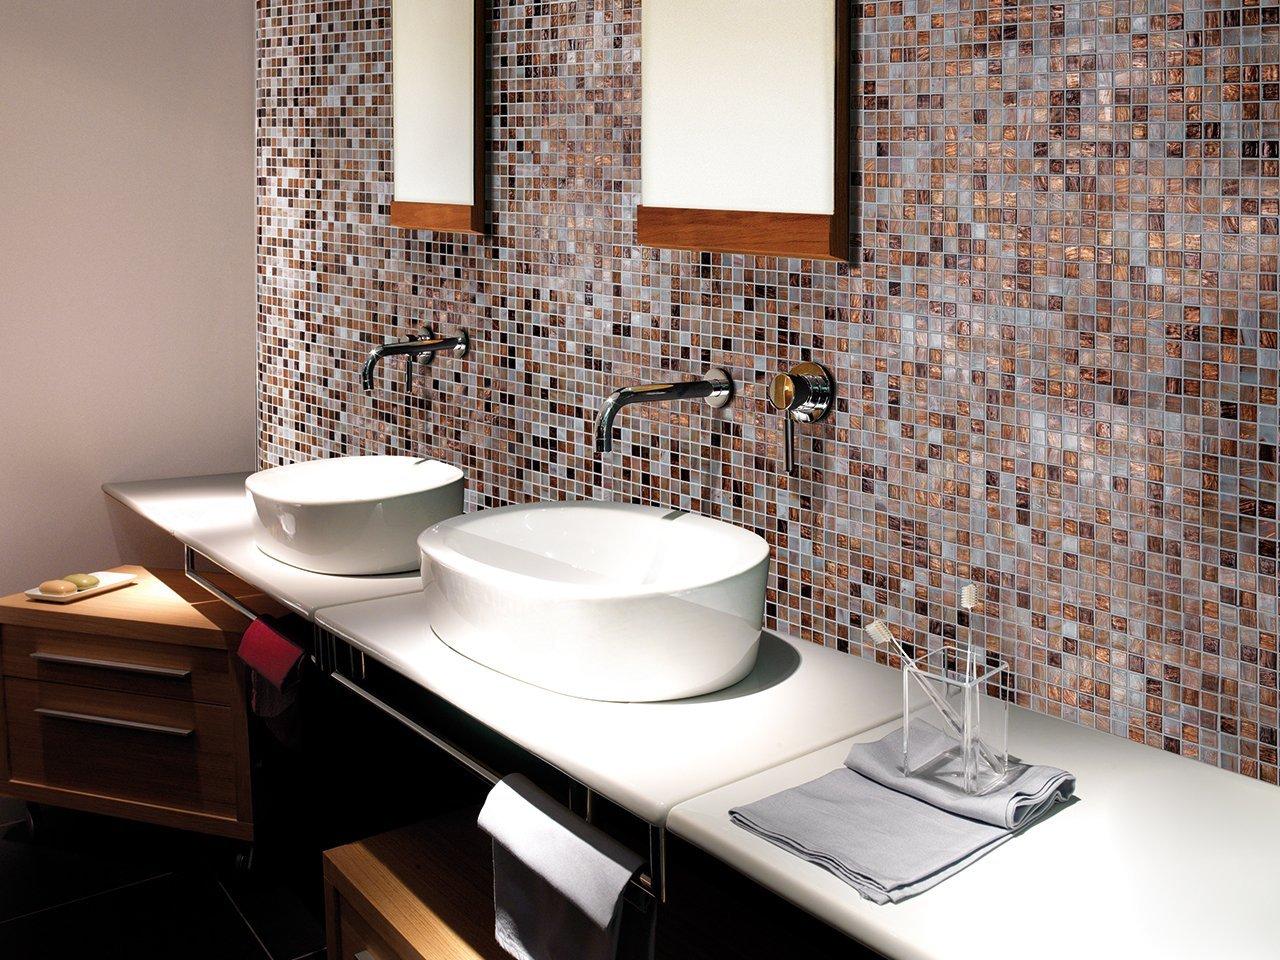 Bagno Decorazione » iperceramica bagni. vasca bagno prezzi. bagno ...